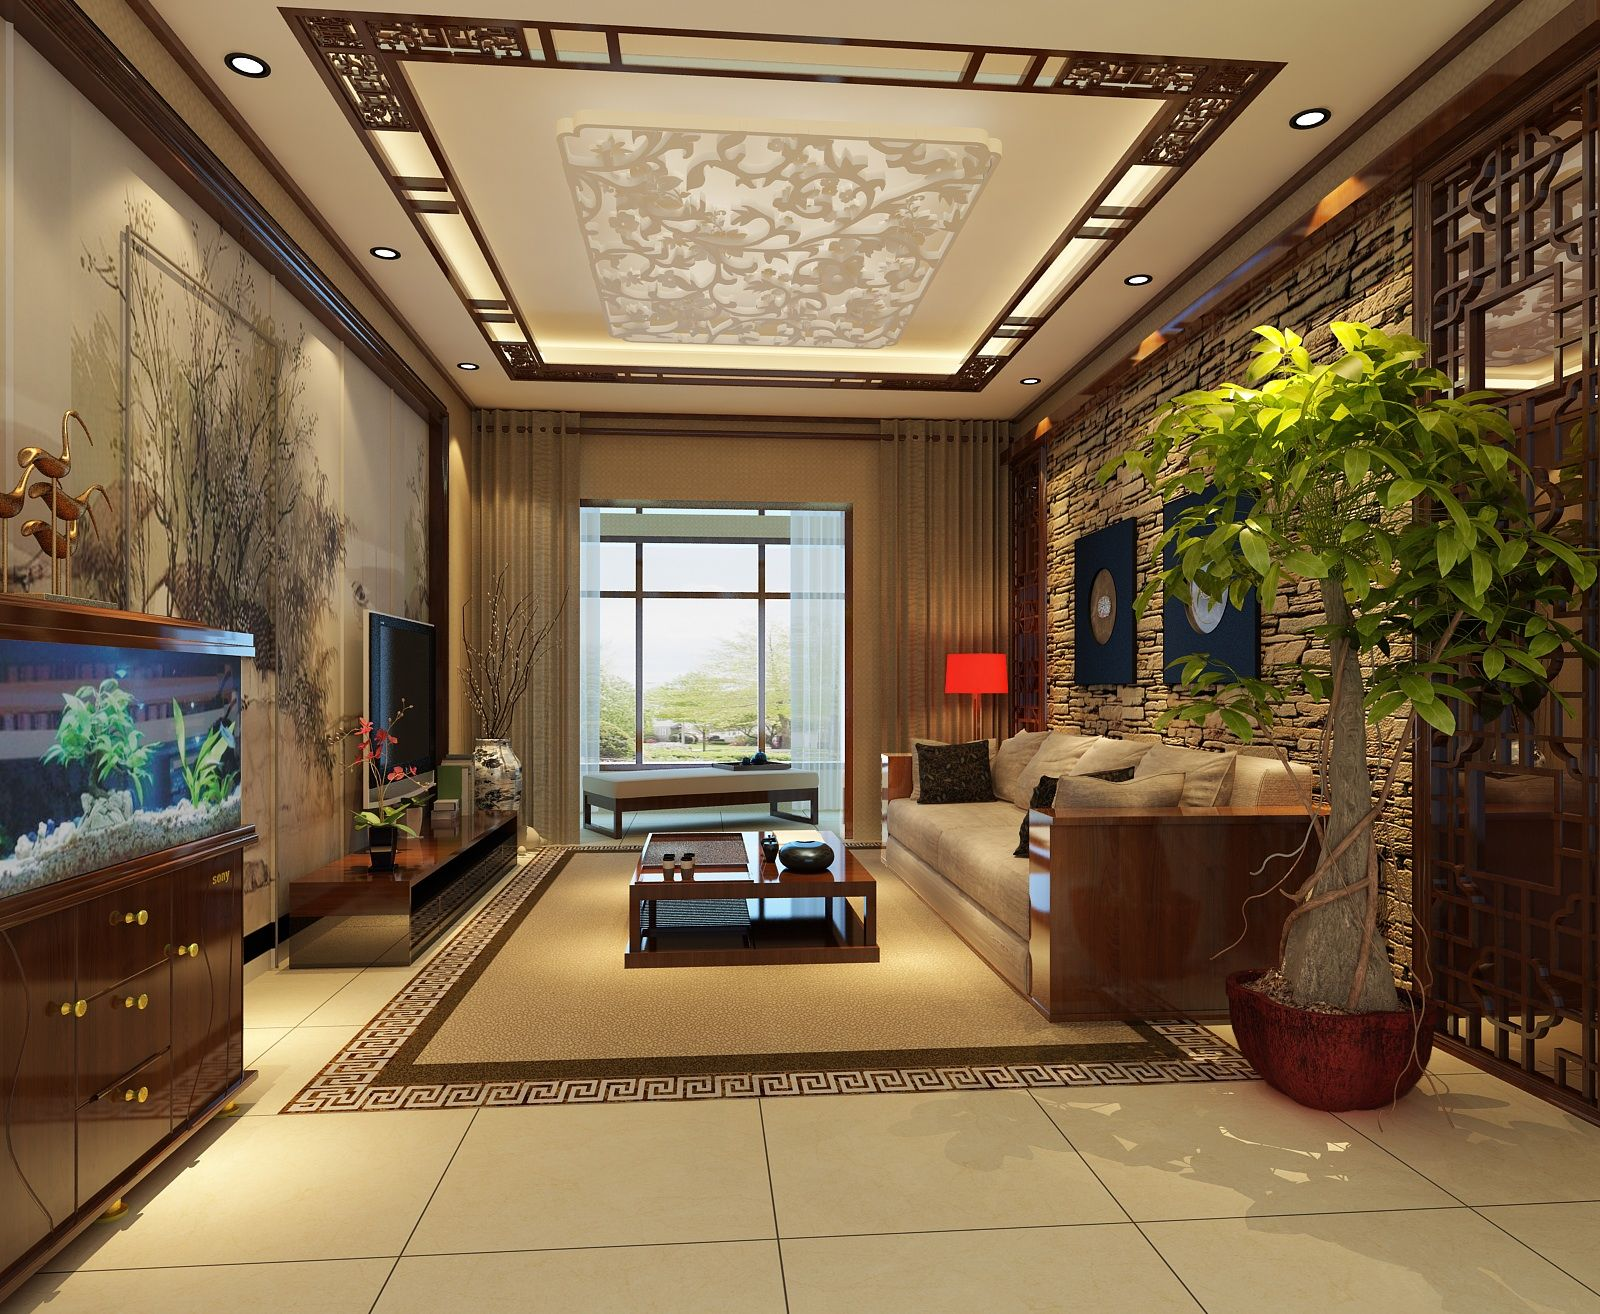 四居 中式 古典 舒适 简洁 华贵 典雅 客厅图片来自xushuguang1983在图片